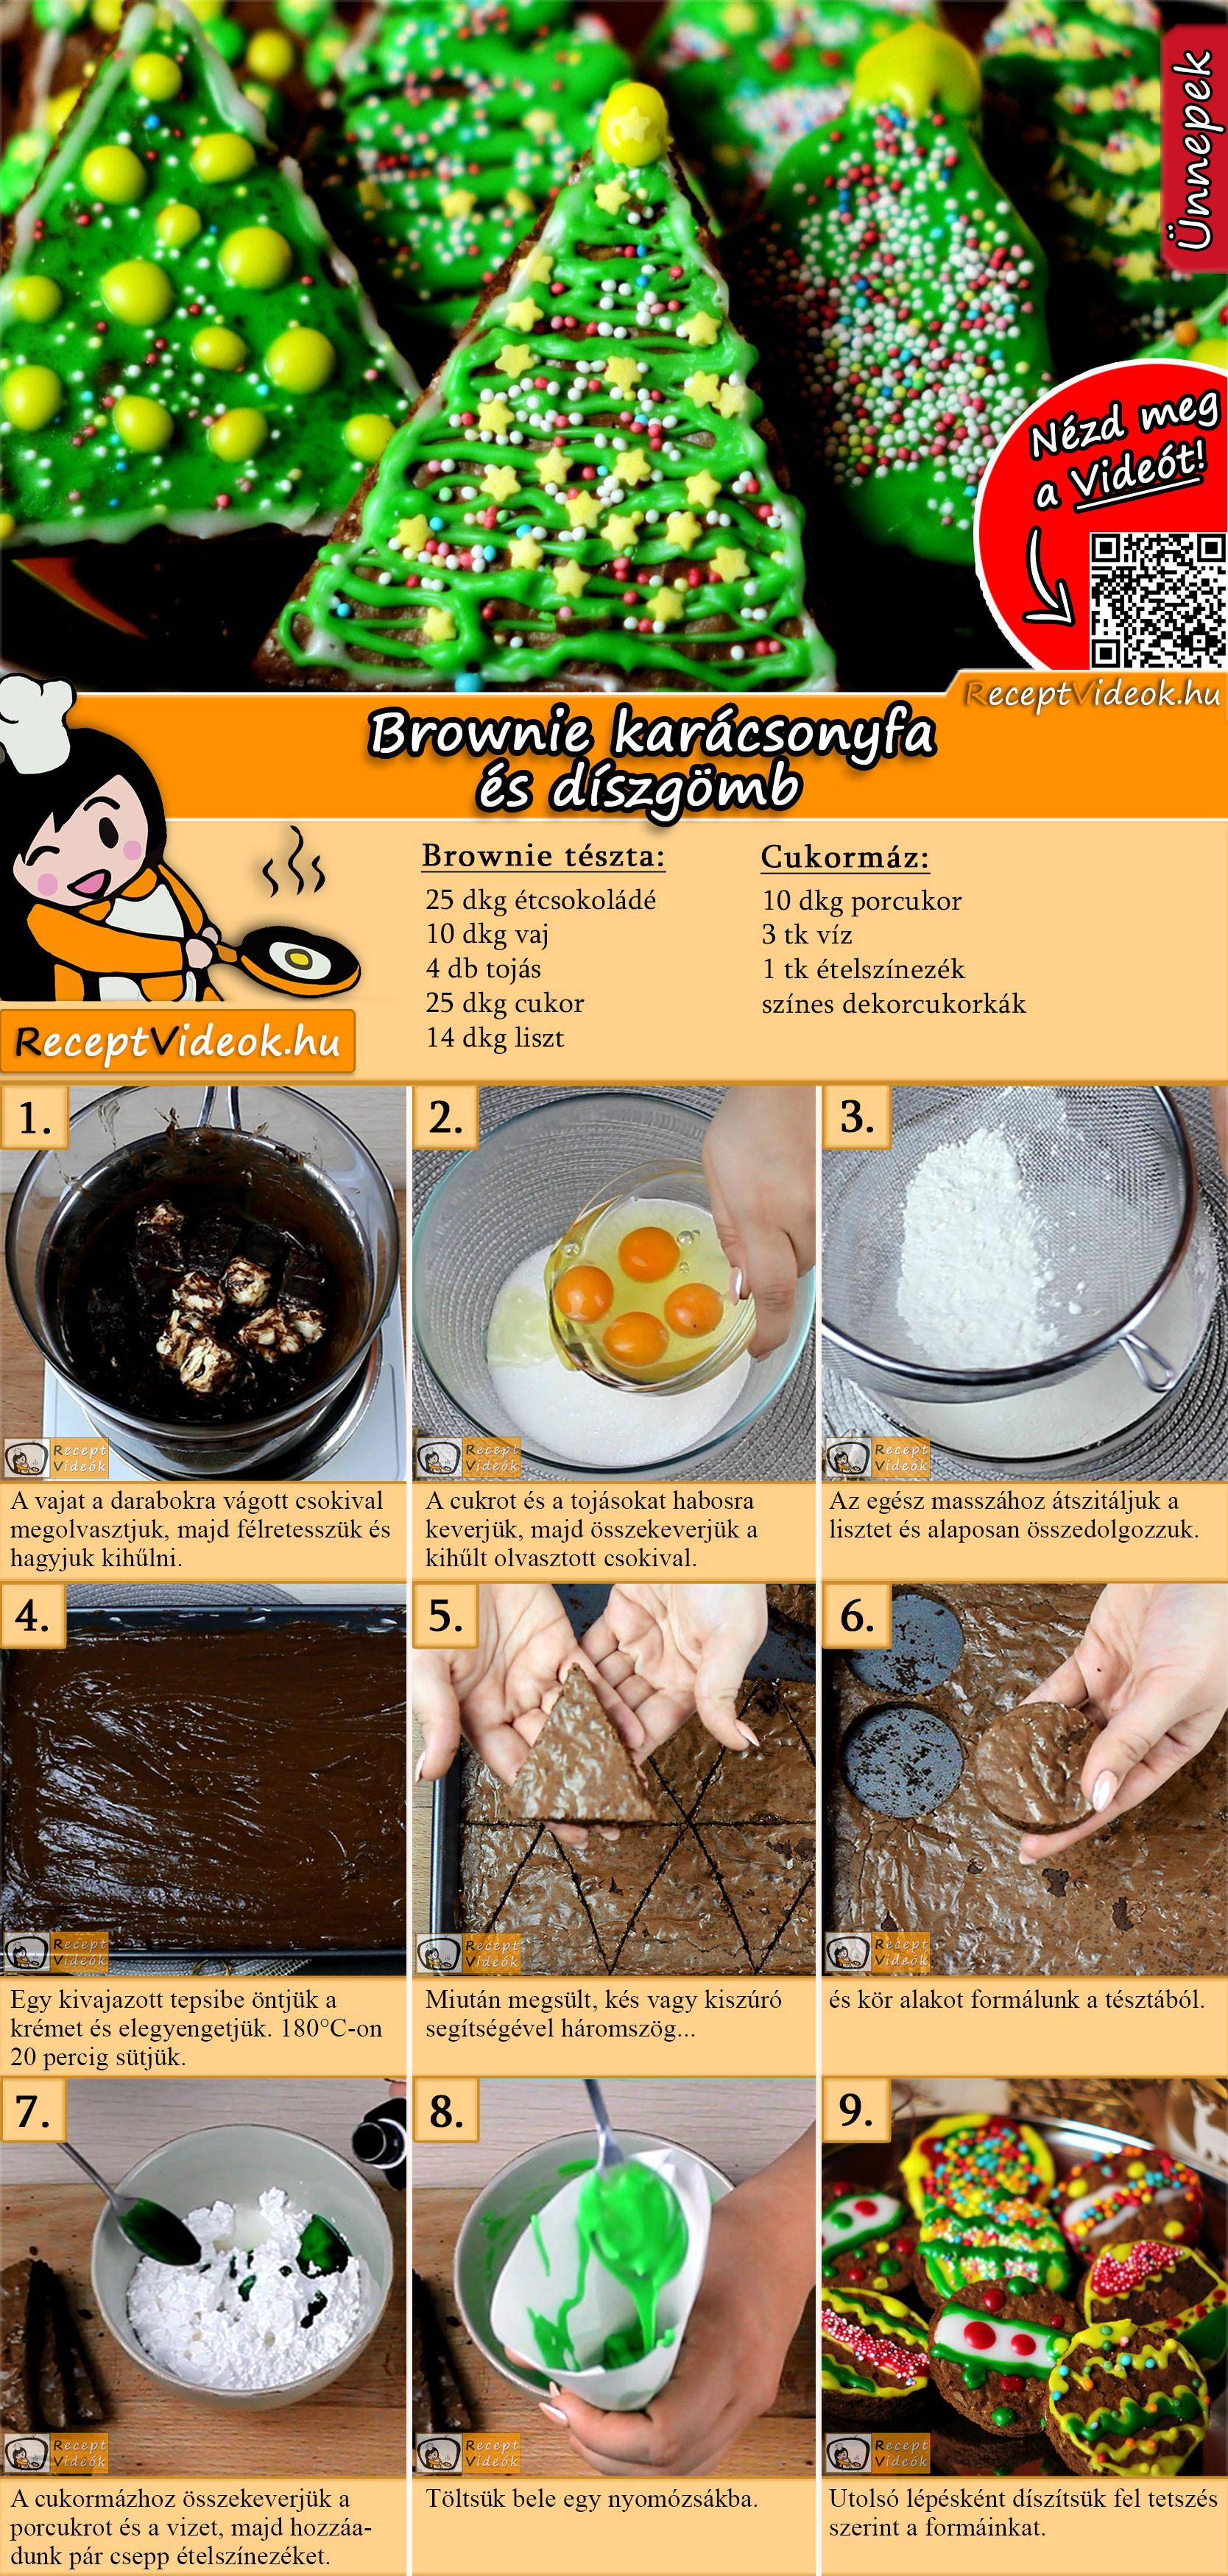 Brownie karácsonyfa és díszgömb recept elkészítése videóval